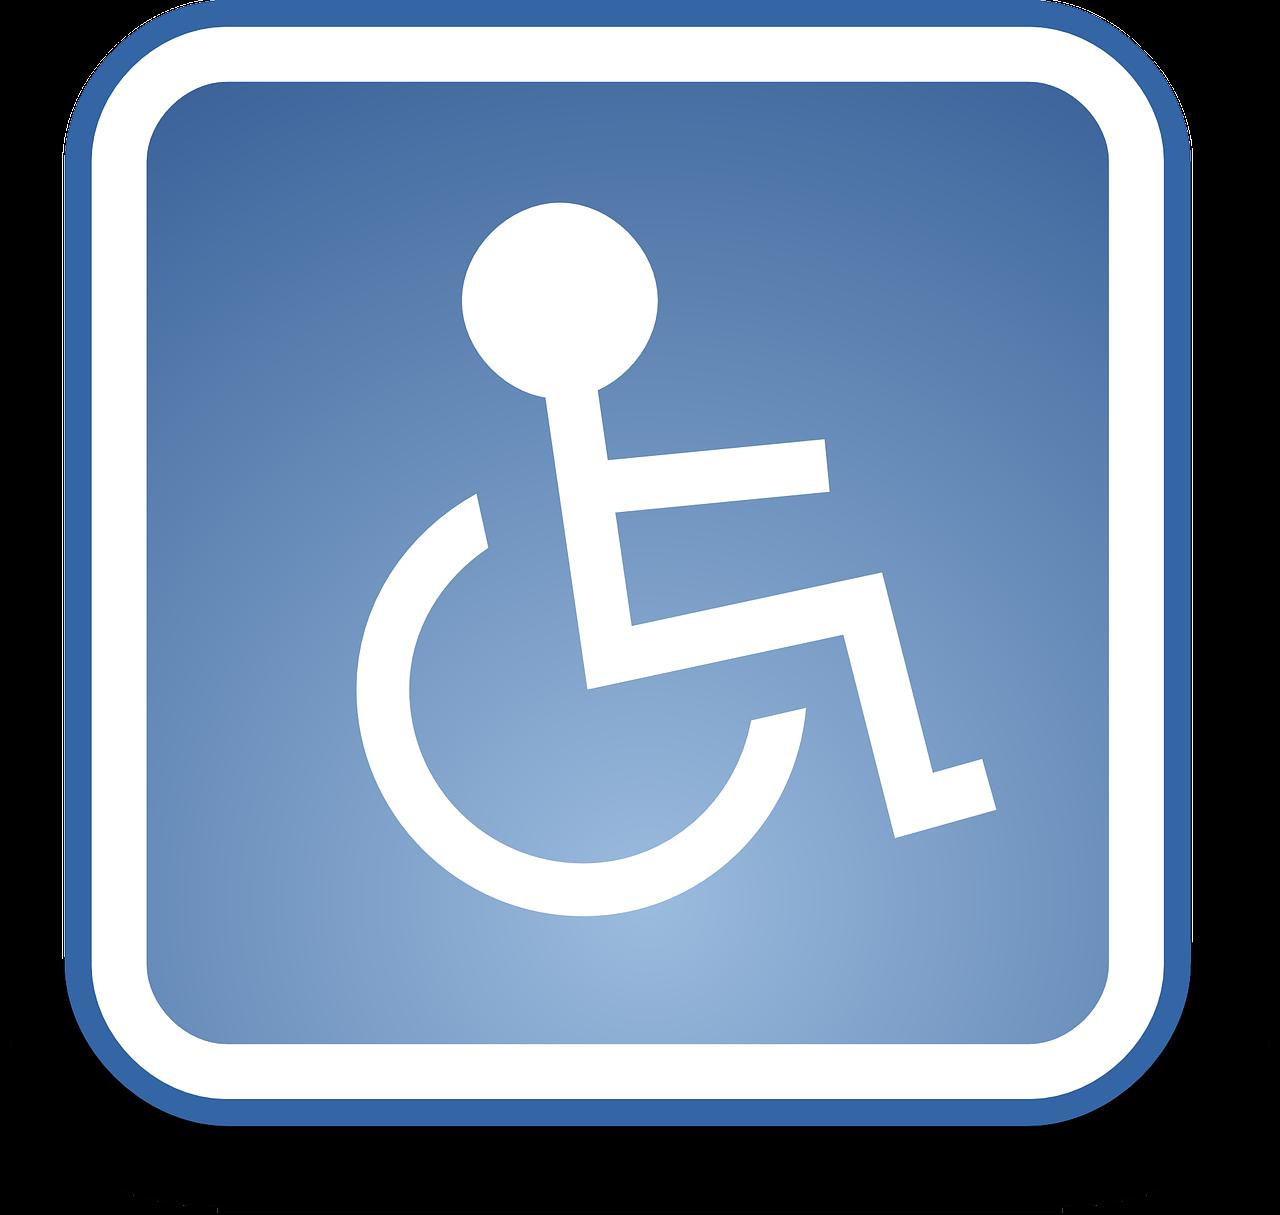 Feiter Kinder Fysiotherapie Corine beoordelingen instelling gehandicaptenzorg verstandelijk gehandicapten